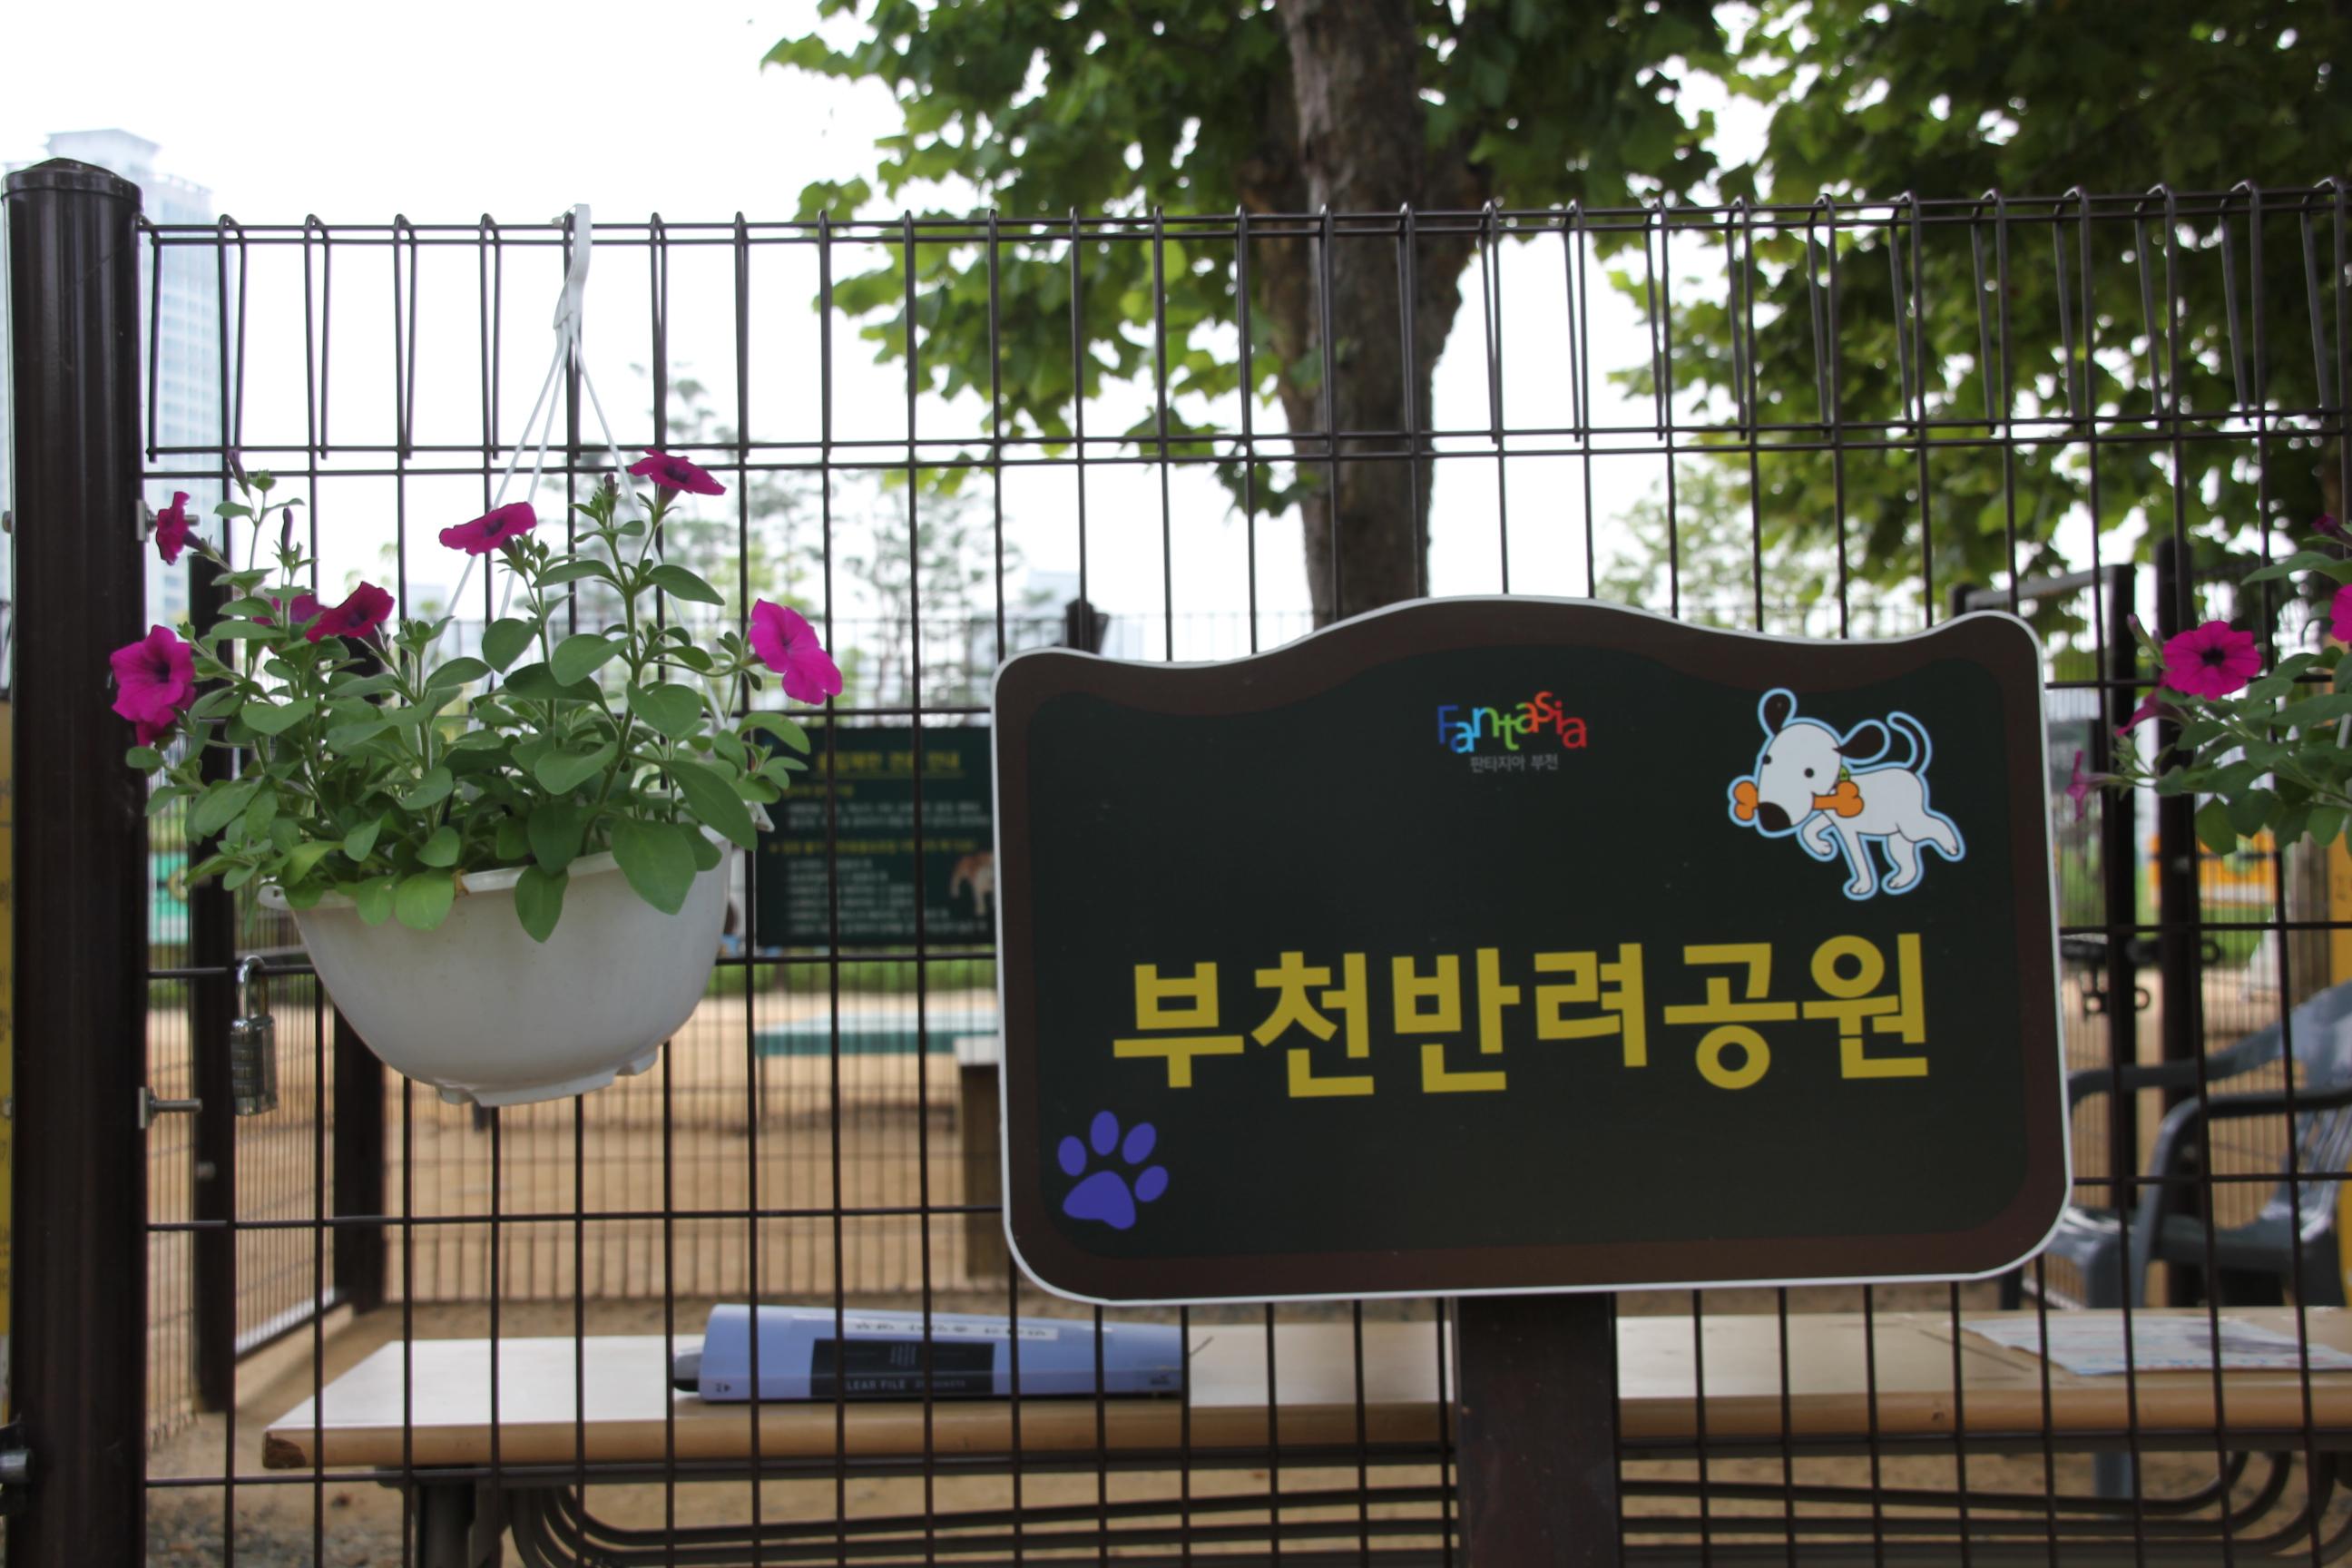 부천반려공원 간판